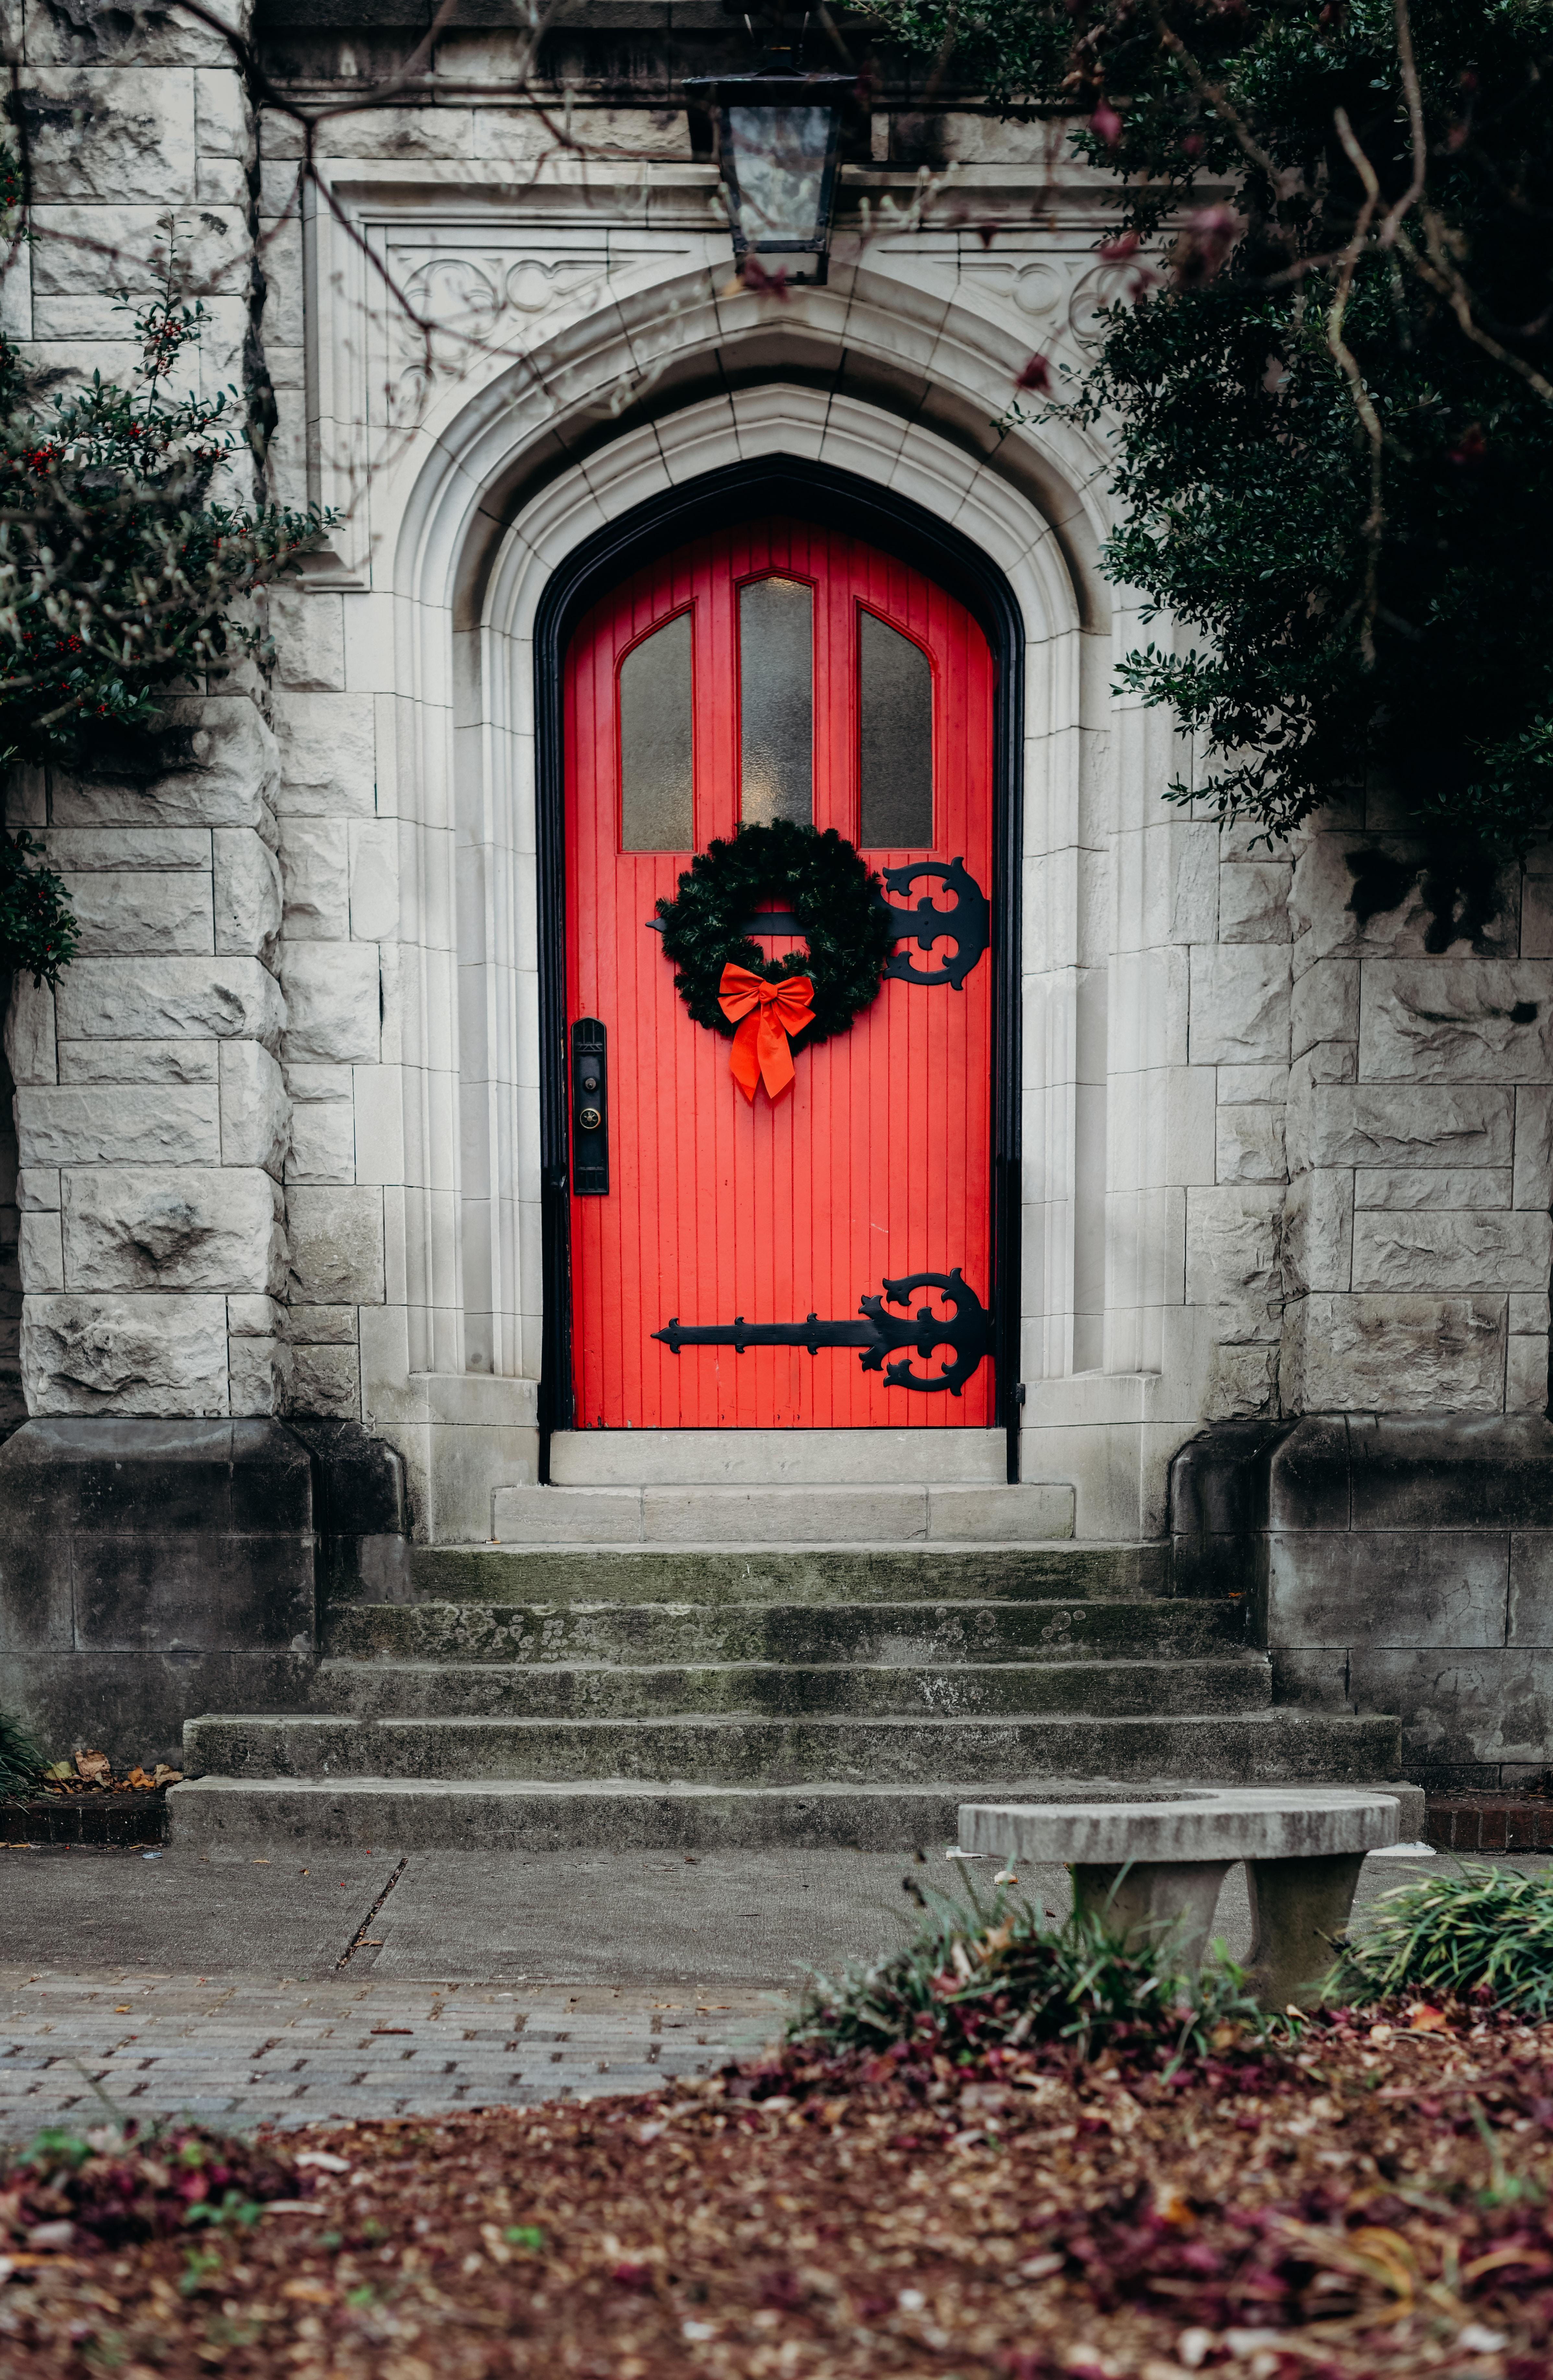 close-up photo of red wooden door